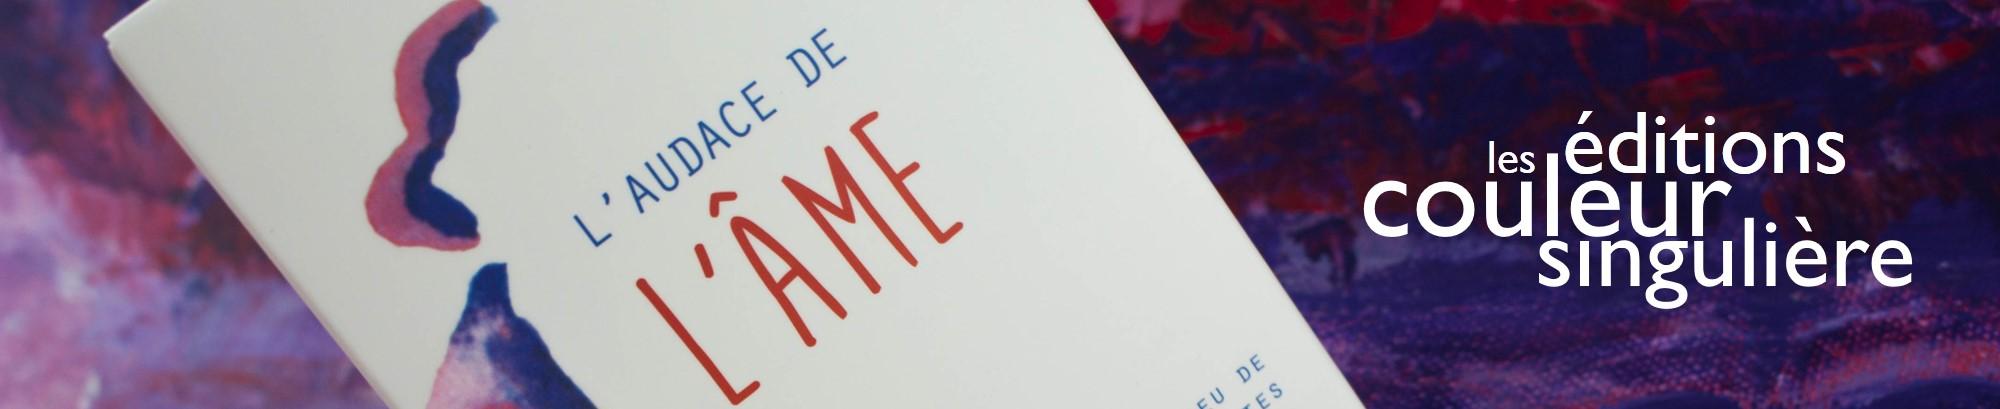 Rendez-vous sur le site de l'Audace de l'Âme, la nouvelle création de Sabine Bazillio